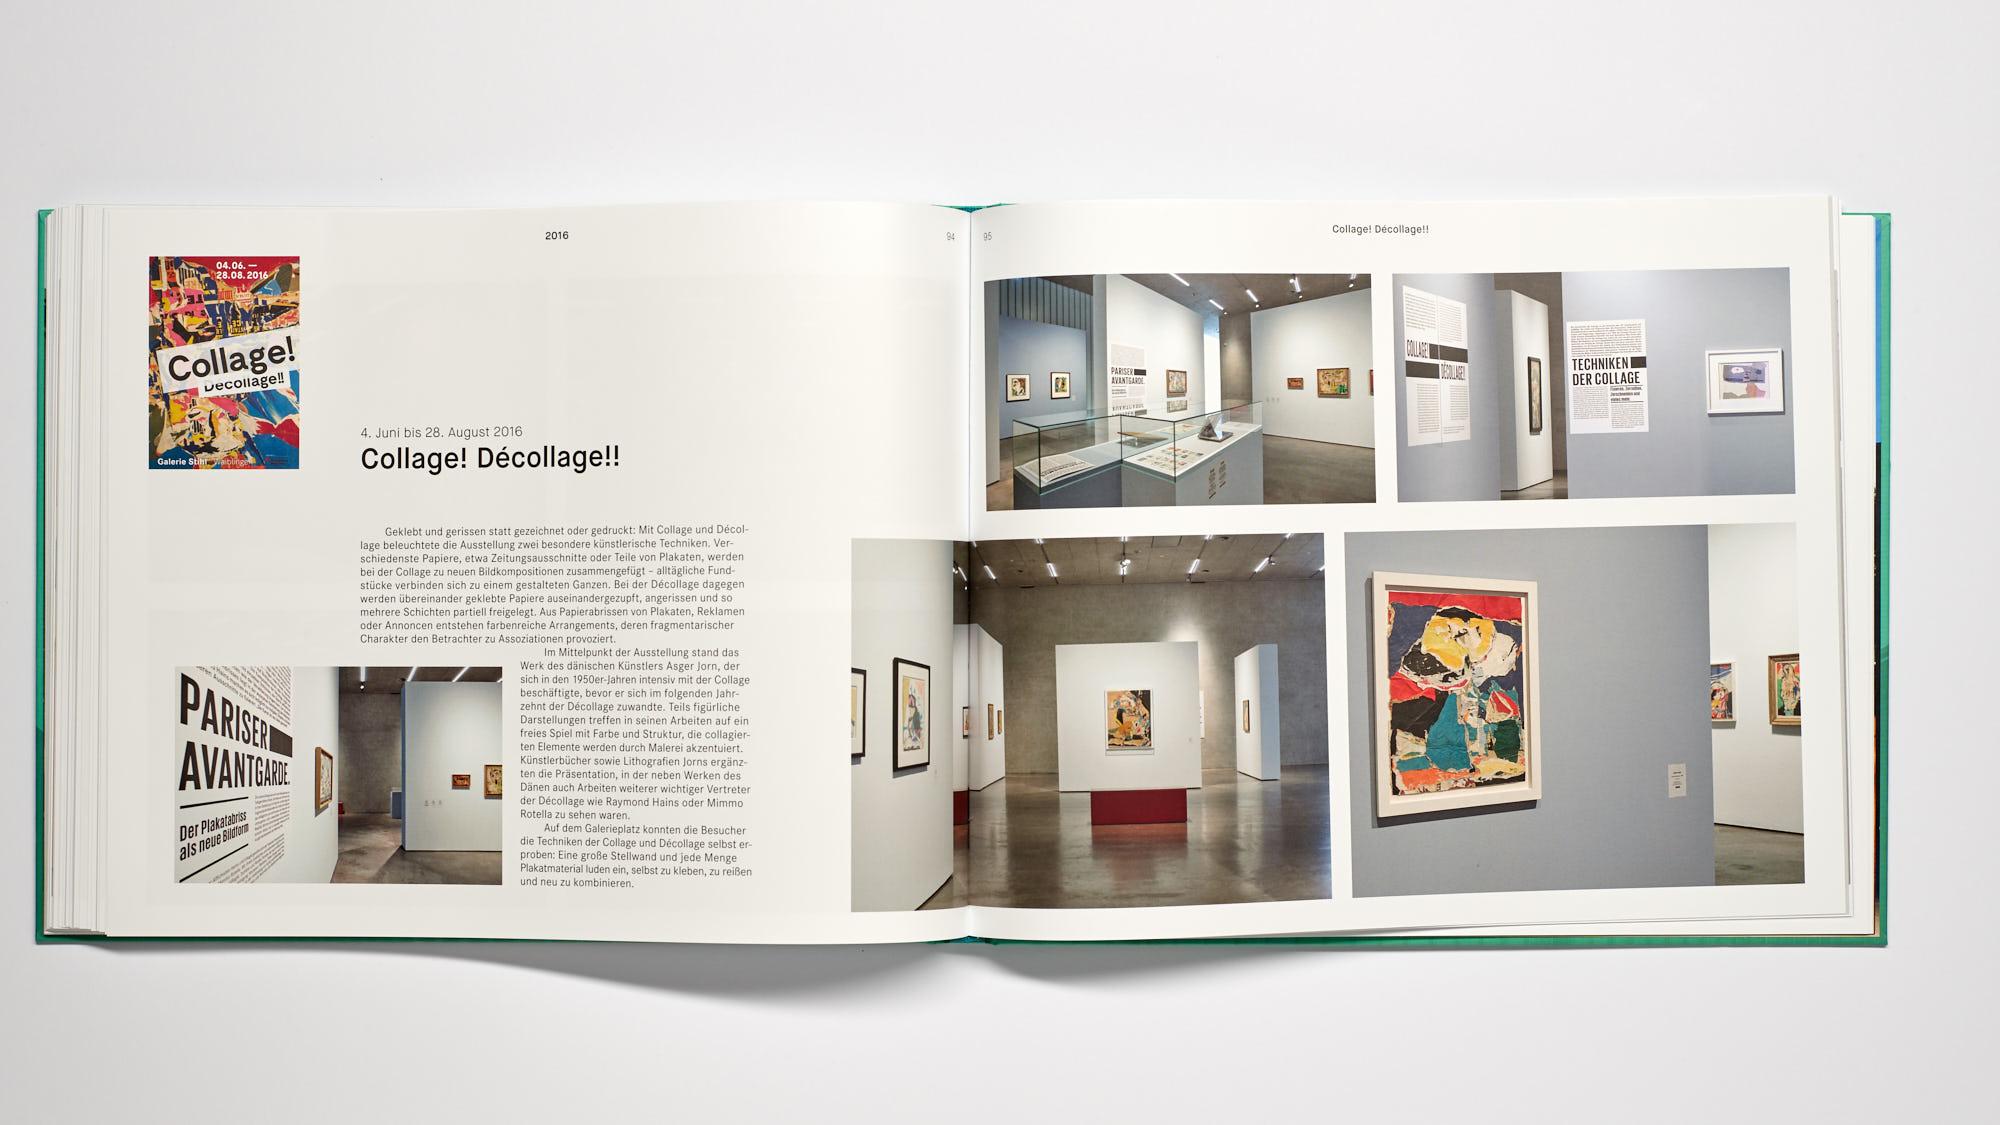 Stihl Galerie WN Collage Decollage - 10 Jahre Galerie Stihl Waiblingen